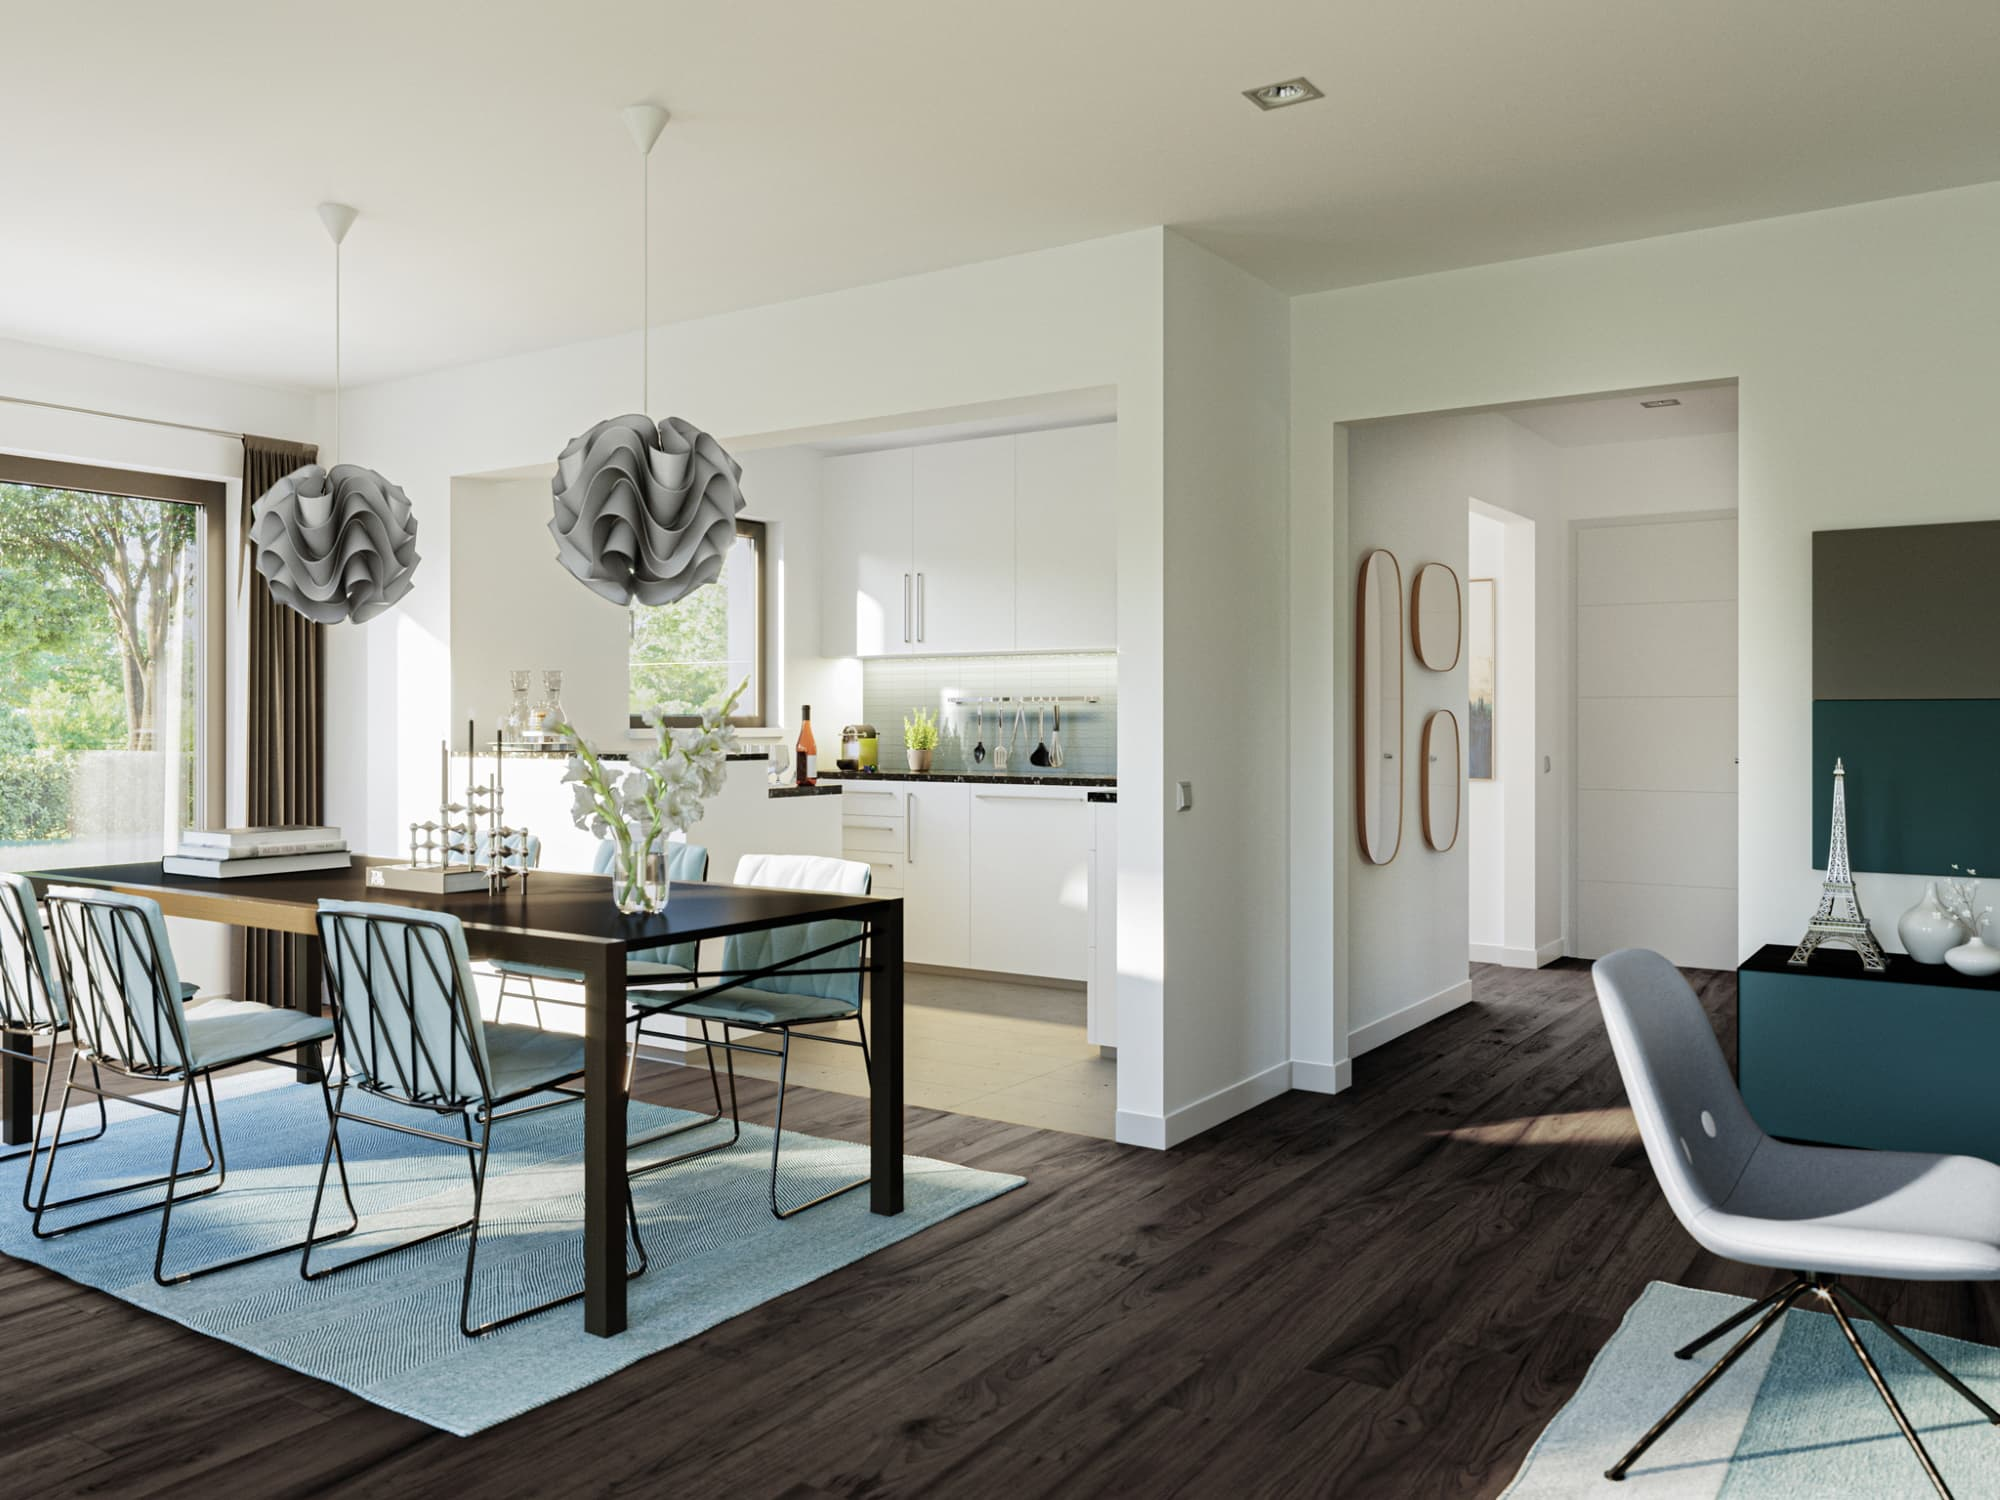 Offene Küche mit großem Esstisch - Haus Design Inneneinrichtung Bien Zenker Fertighaus EDITION 123 V2 - HausbauDirekt.de